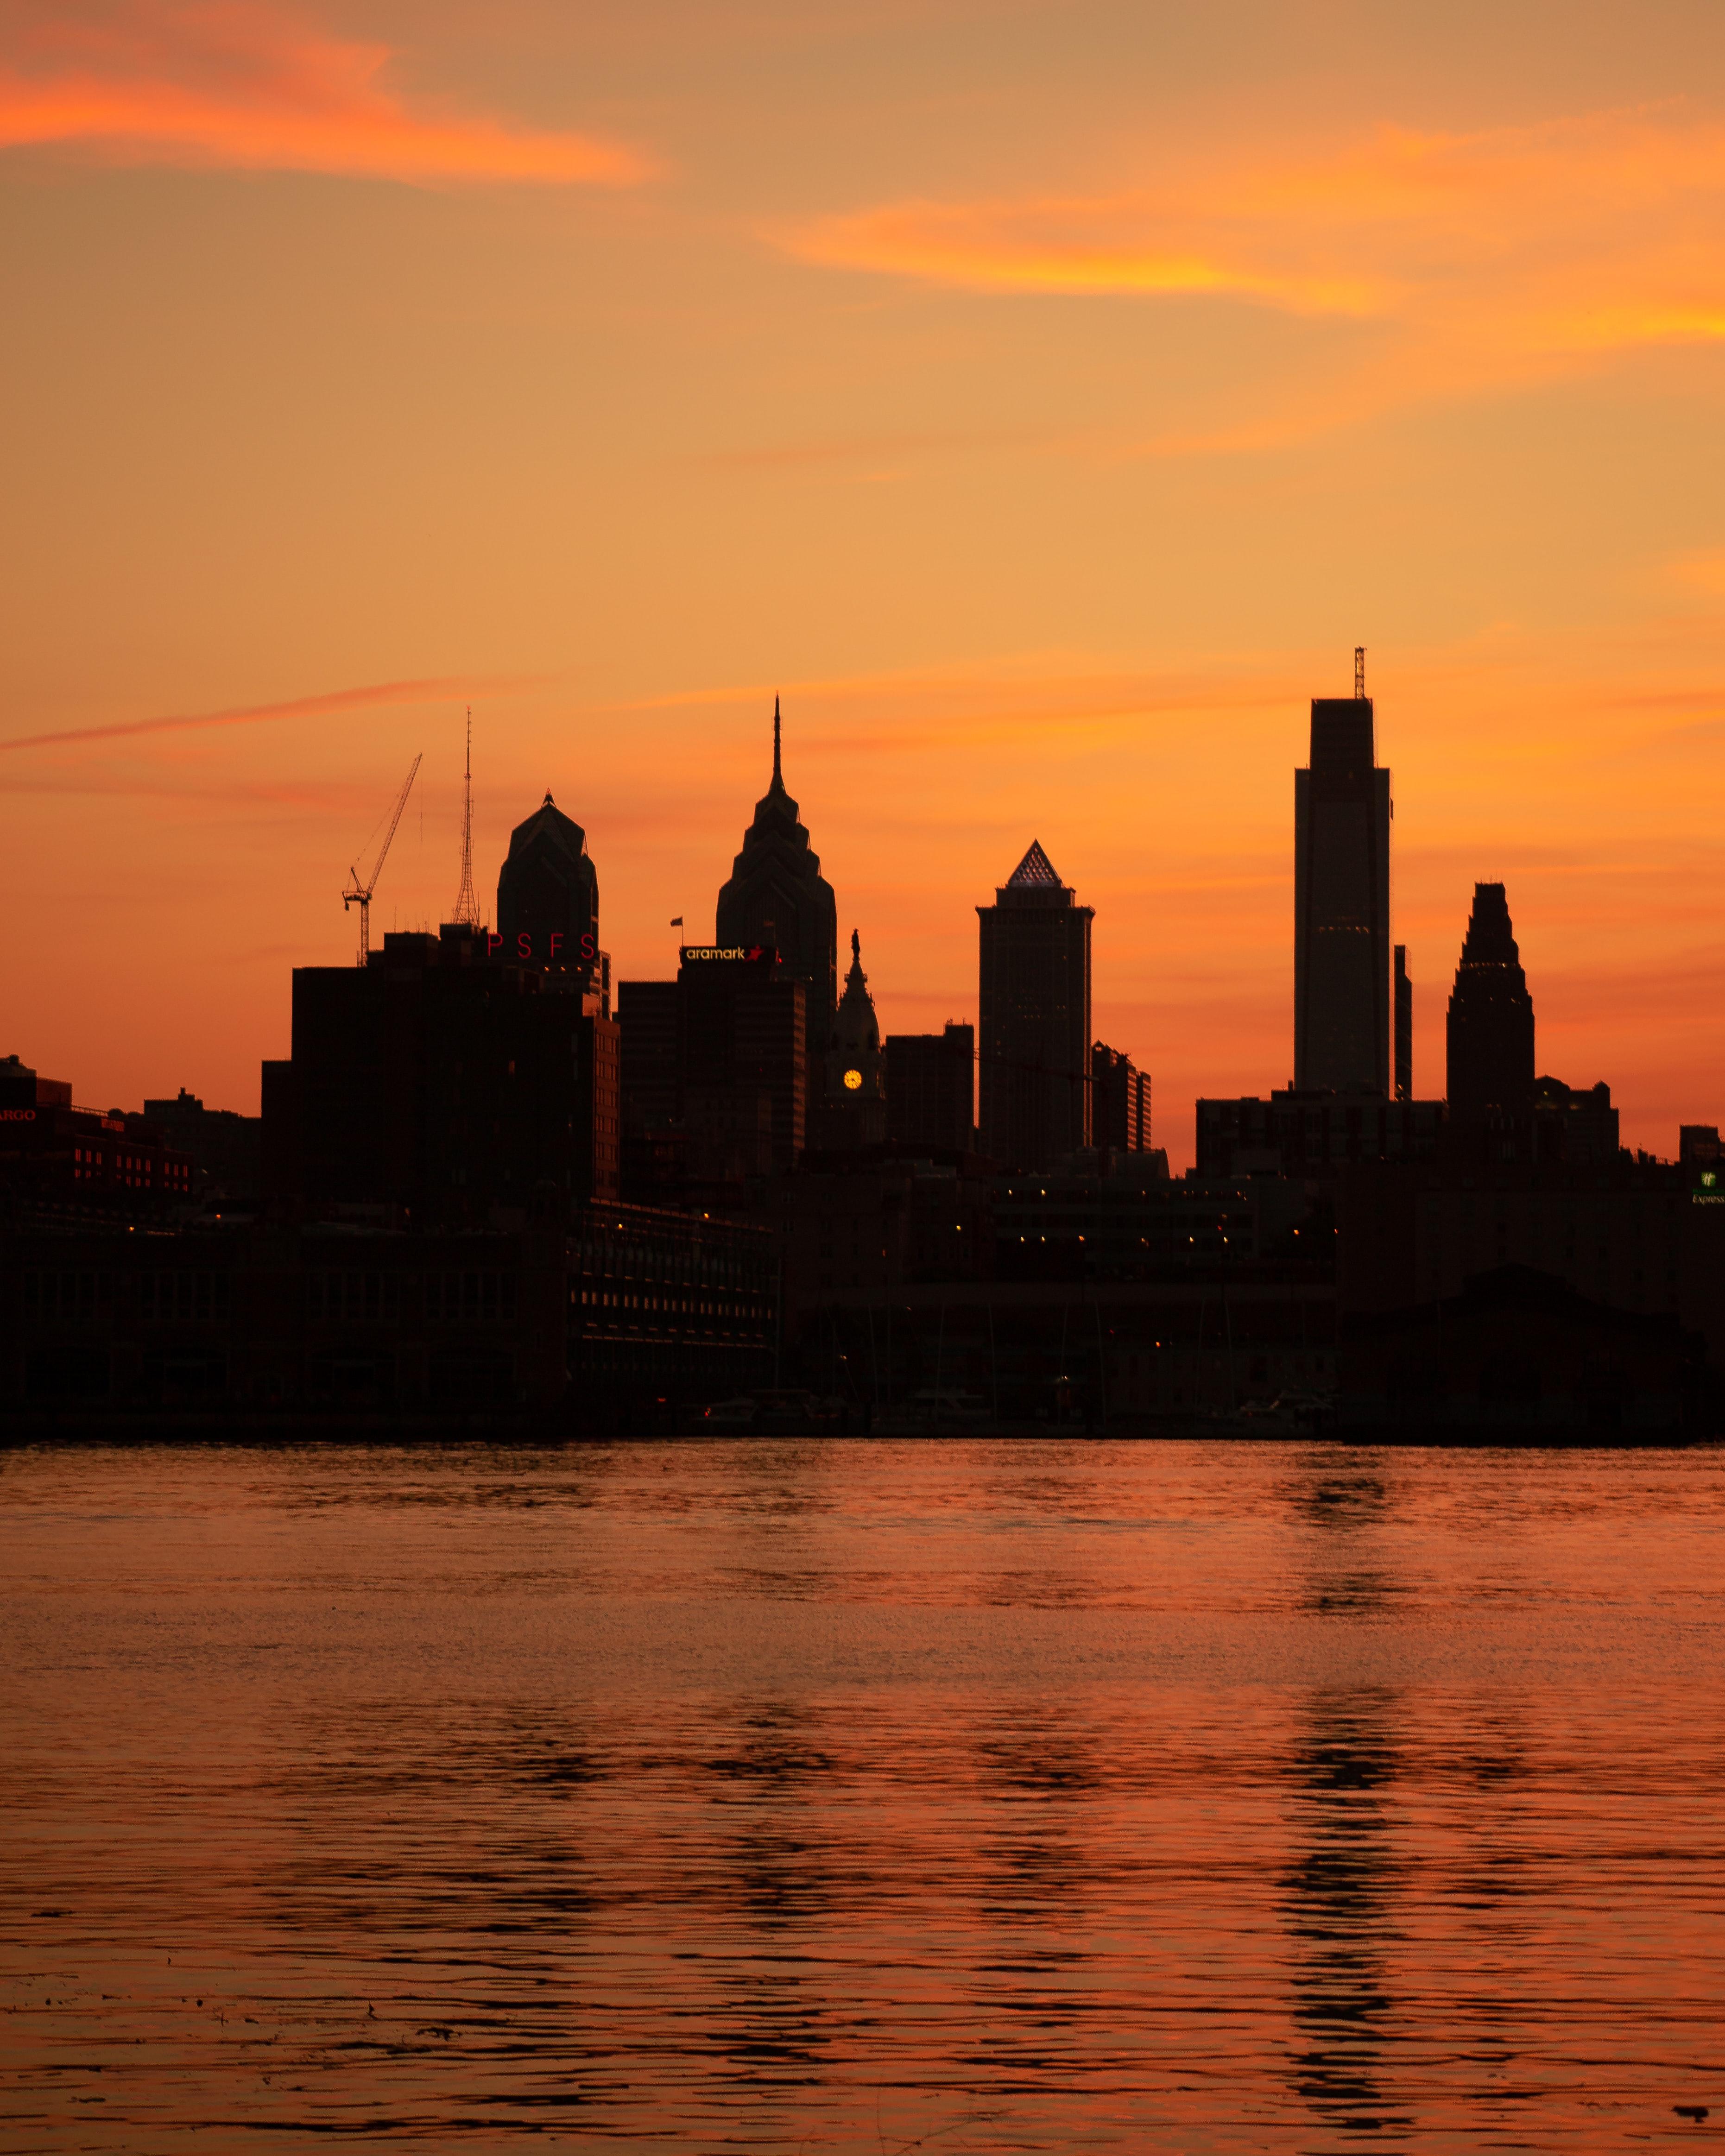 143361壁紙のダウンロード高層ビル, 高 層 ビル, 建物, シルエット, 日没, 海, 都市-スクリーンセーバーと写真を無料で